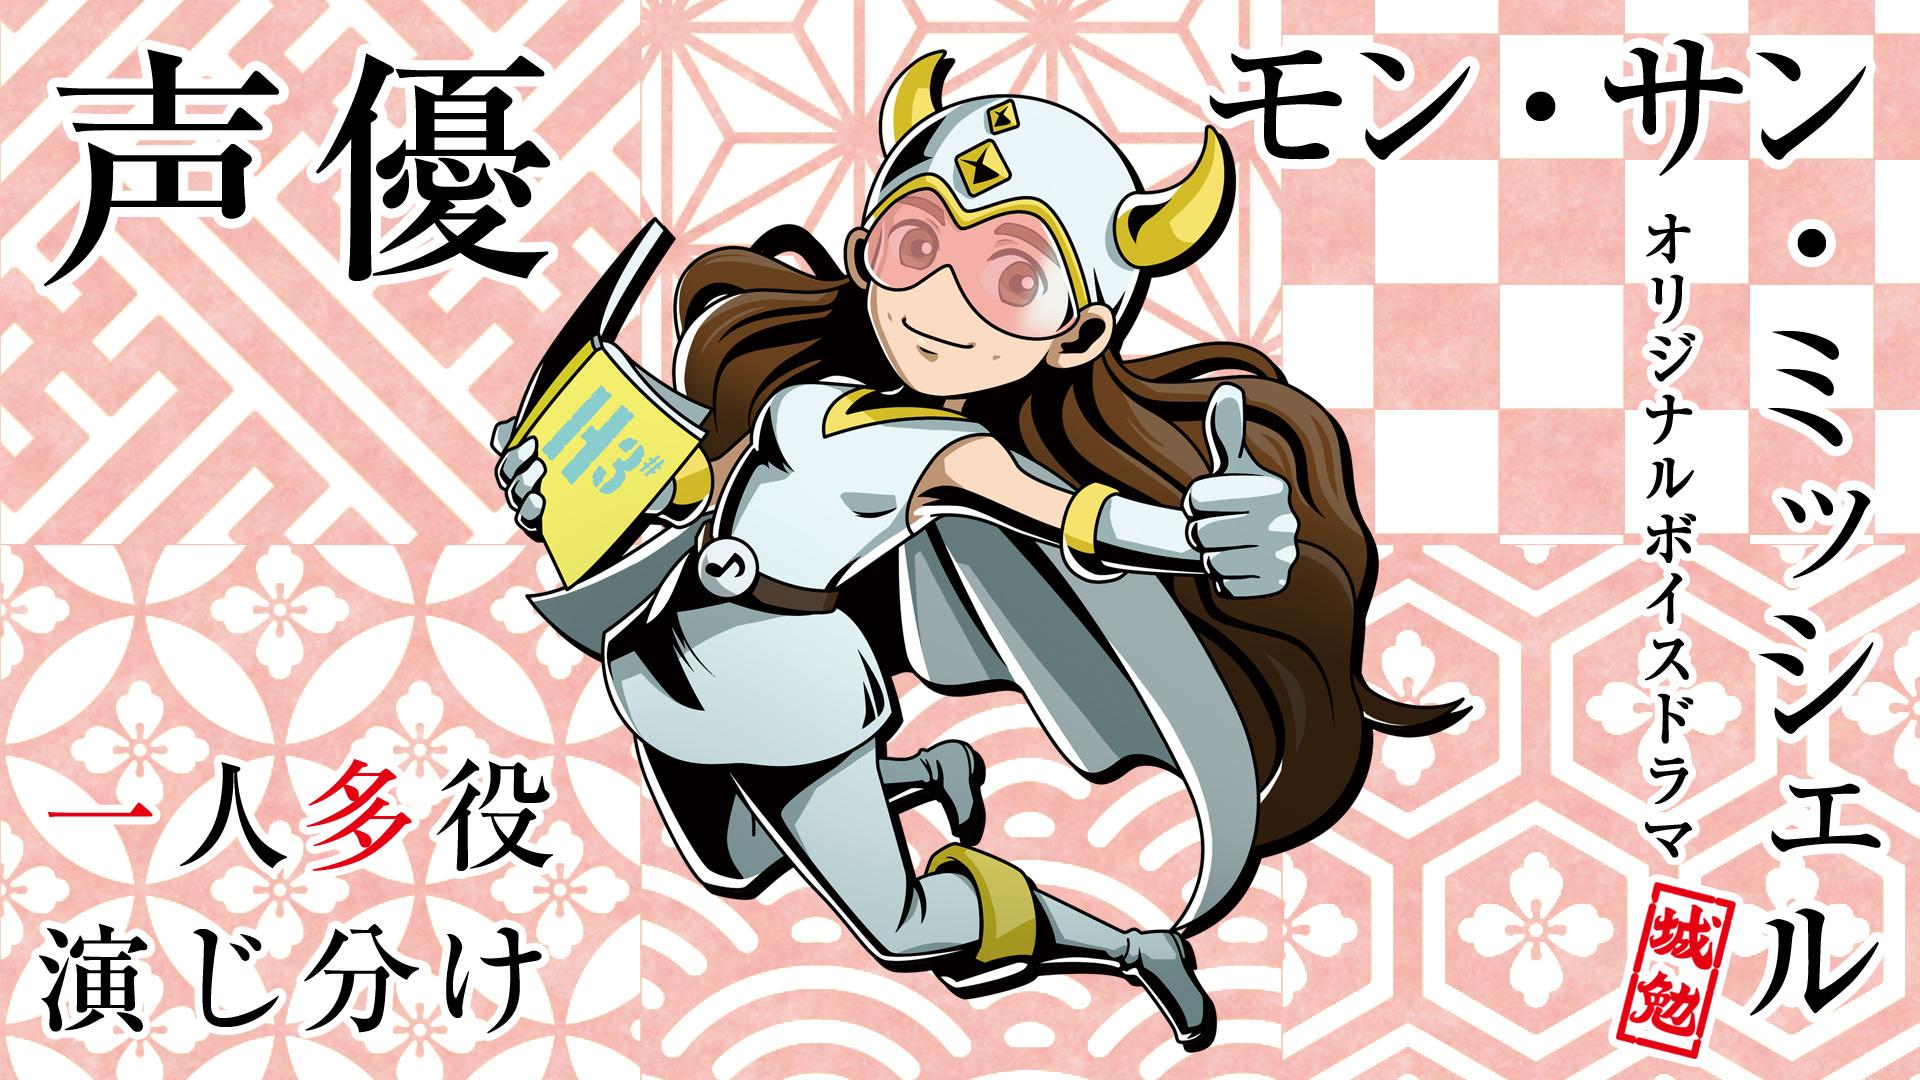 女性声優・たなか久美 一人多役演じ分け オリジナルボイスドラマ「モン・サン・ミッシェル」サブスク配信開始